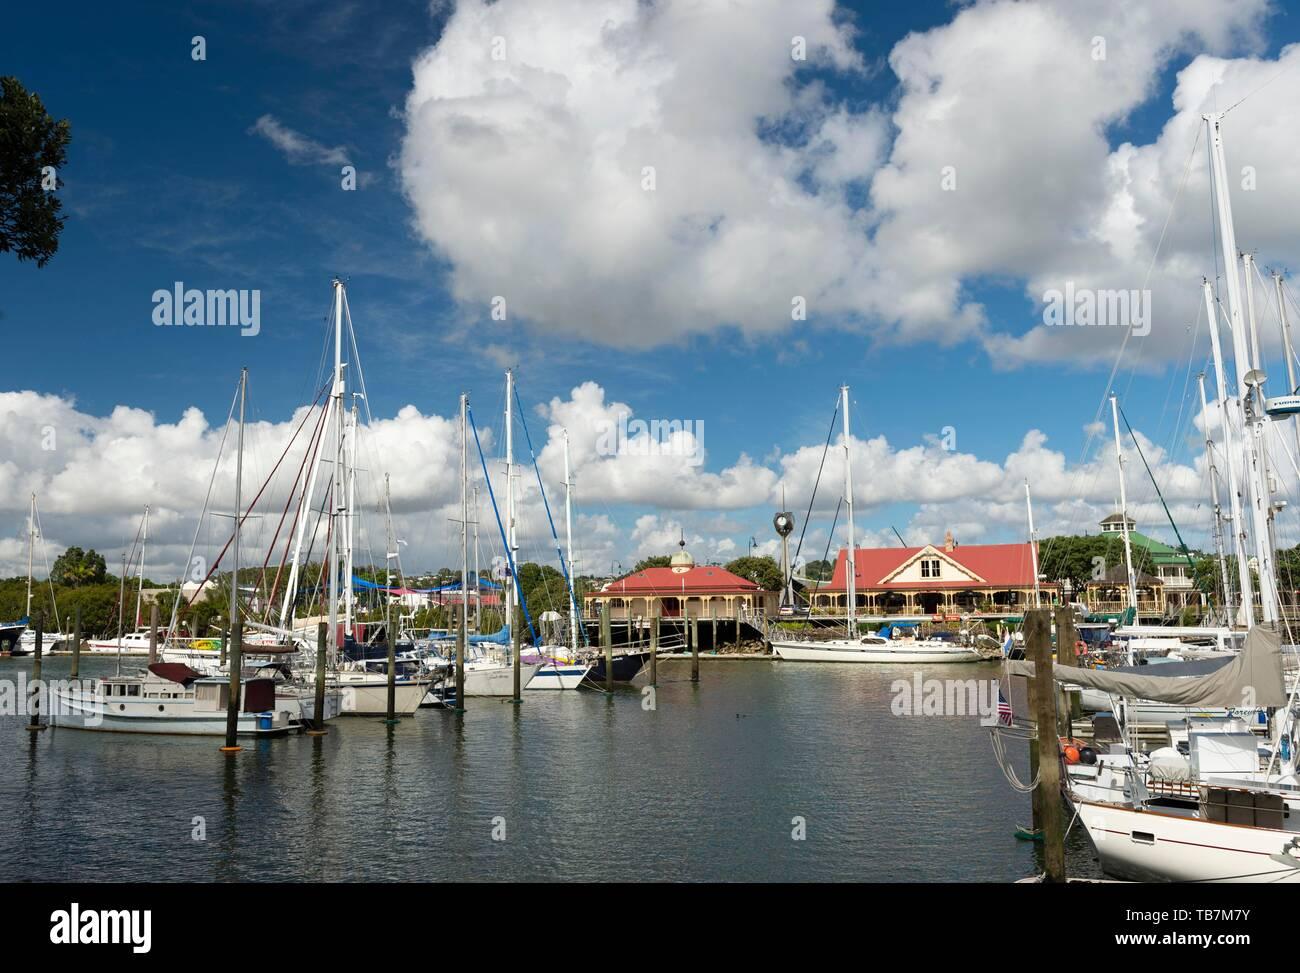 Whangarei Marina Stock Photos & Whangarei Marina Stock